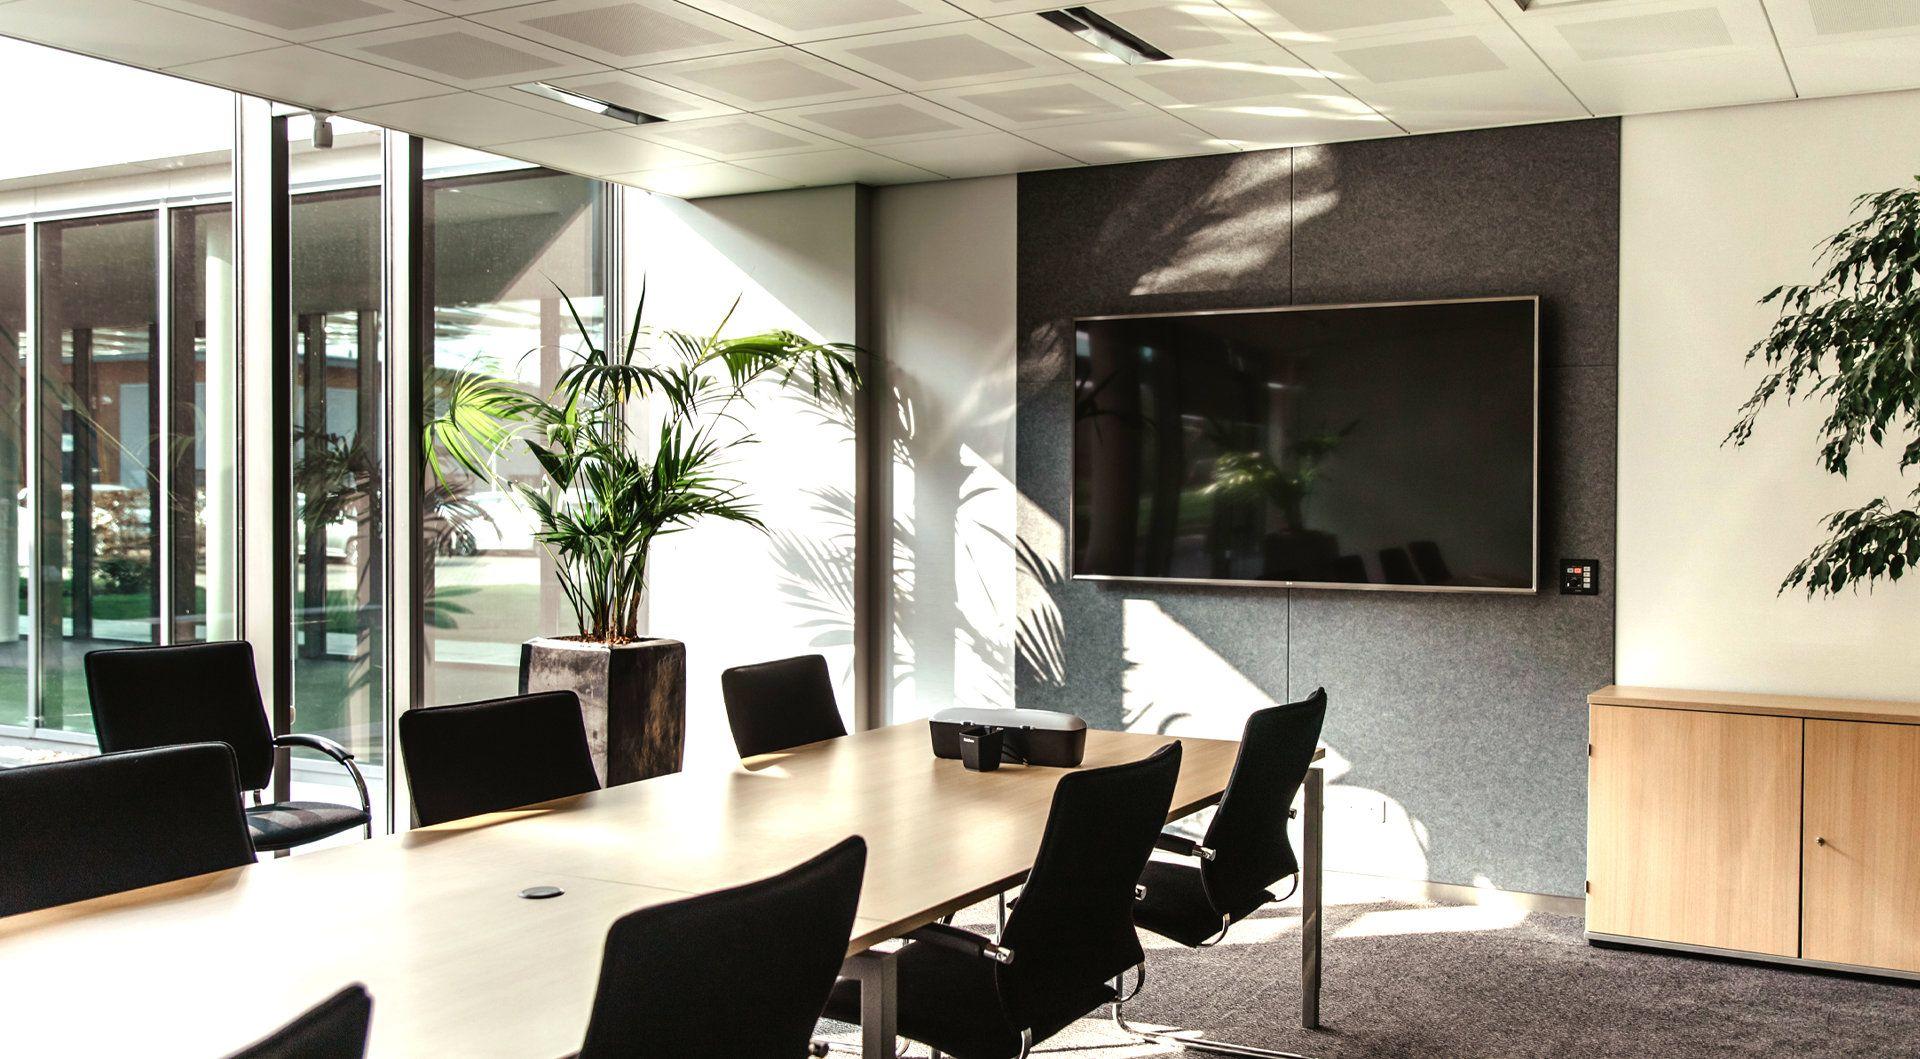 """Projecta HomeScreen Deluxe projectiescherm 2,29 m (90"""") 16:9 - Case studie de vries"""